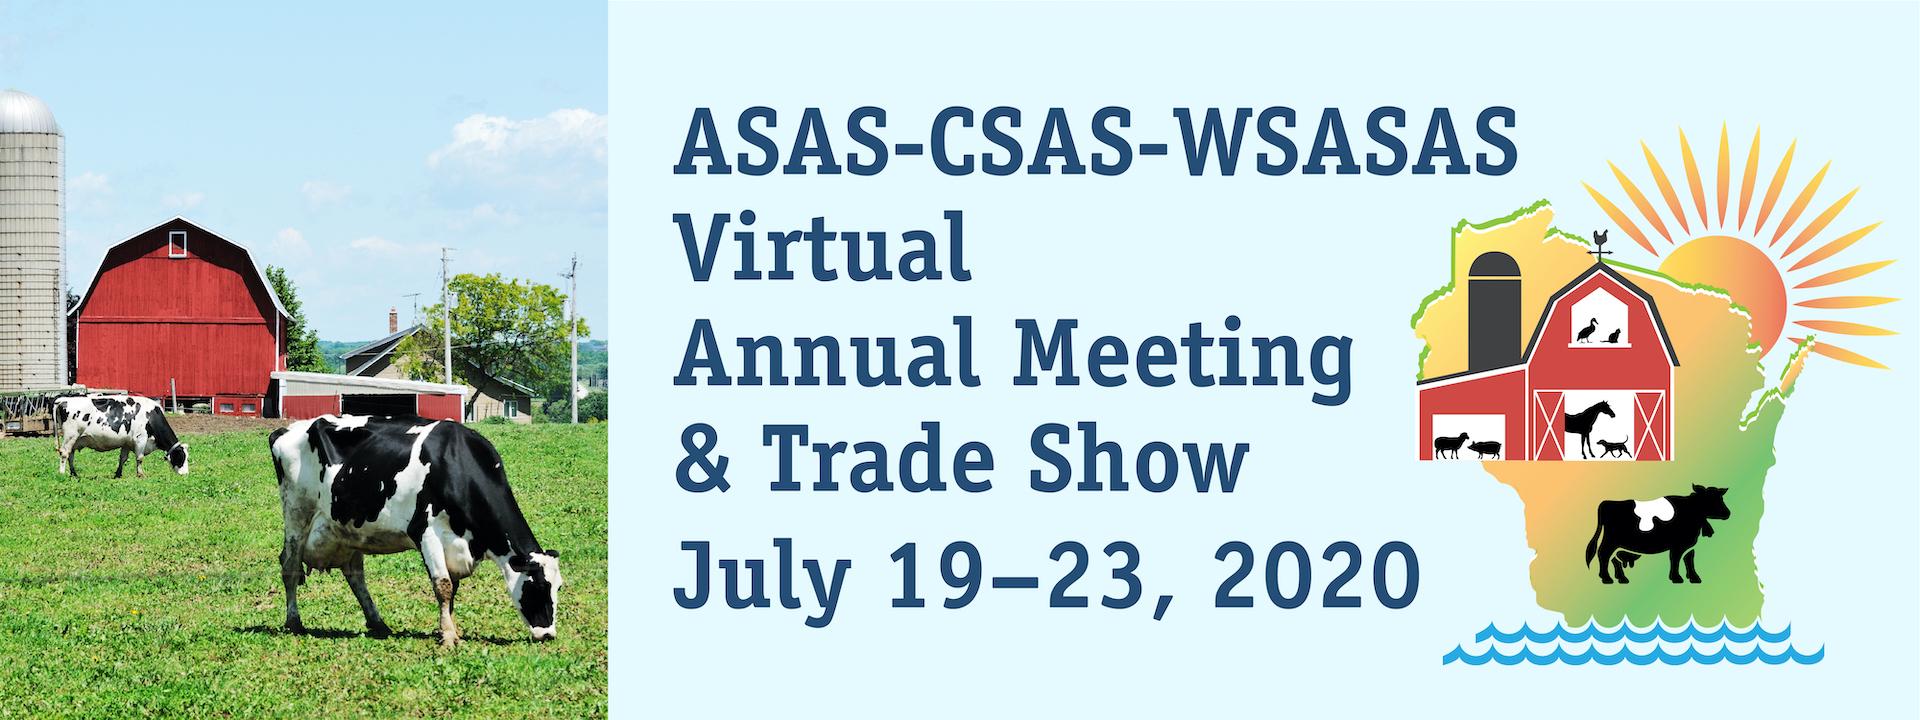 2020 ASAS-CSAS Annual Meeting & Trade Show